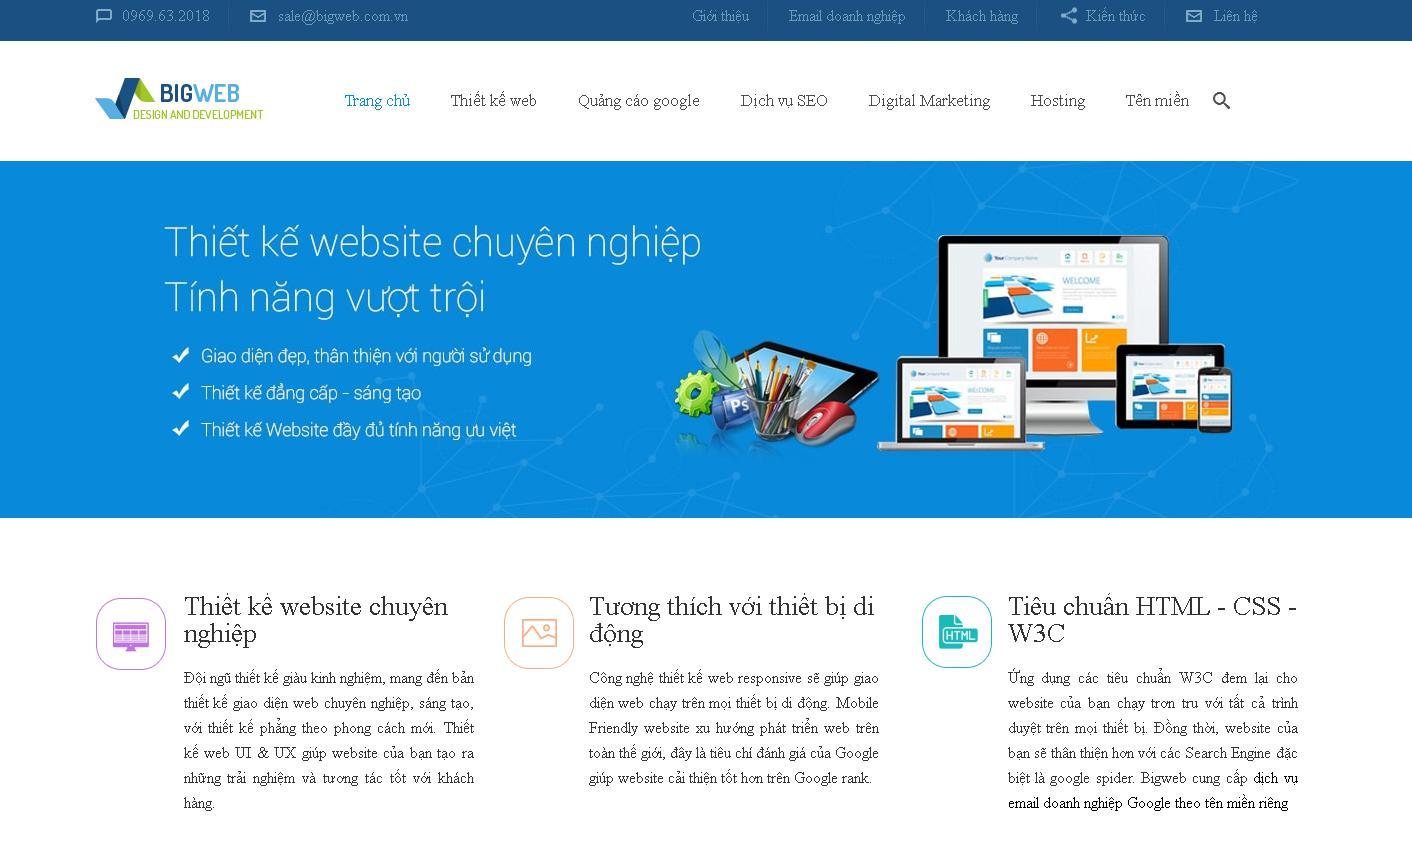 Công ty thiết kế web chuyên nghiệp Bigweb